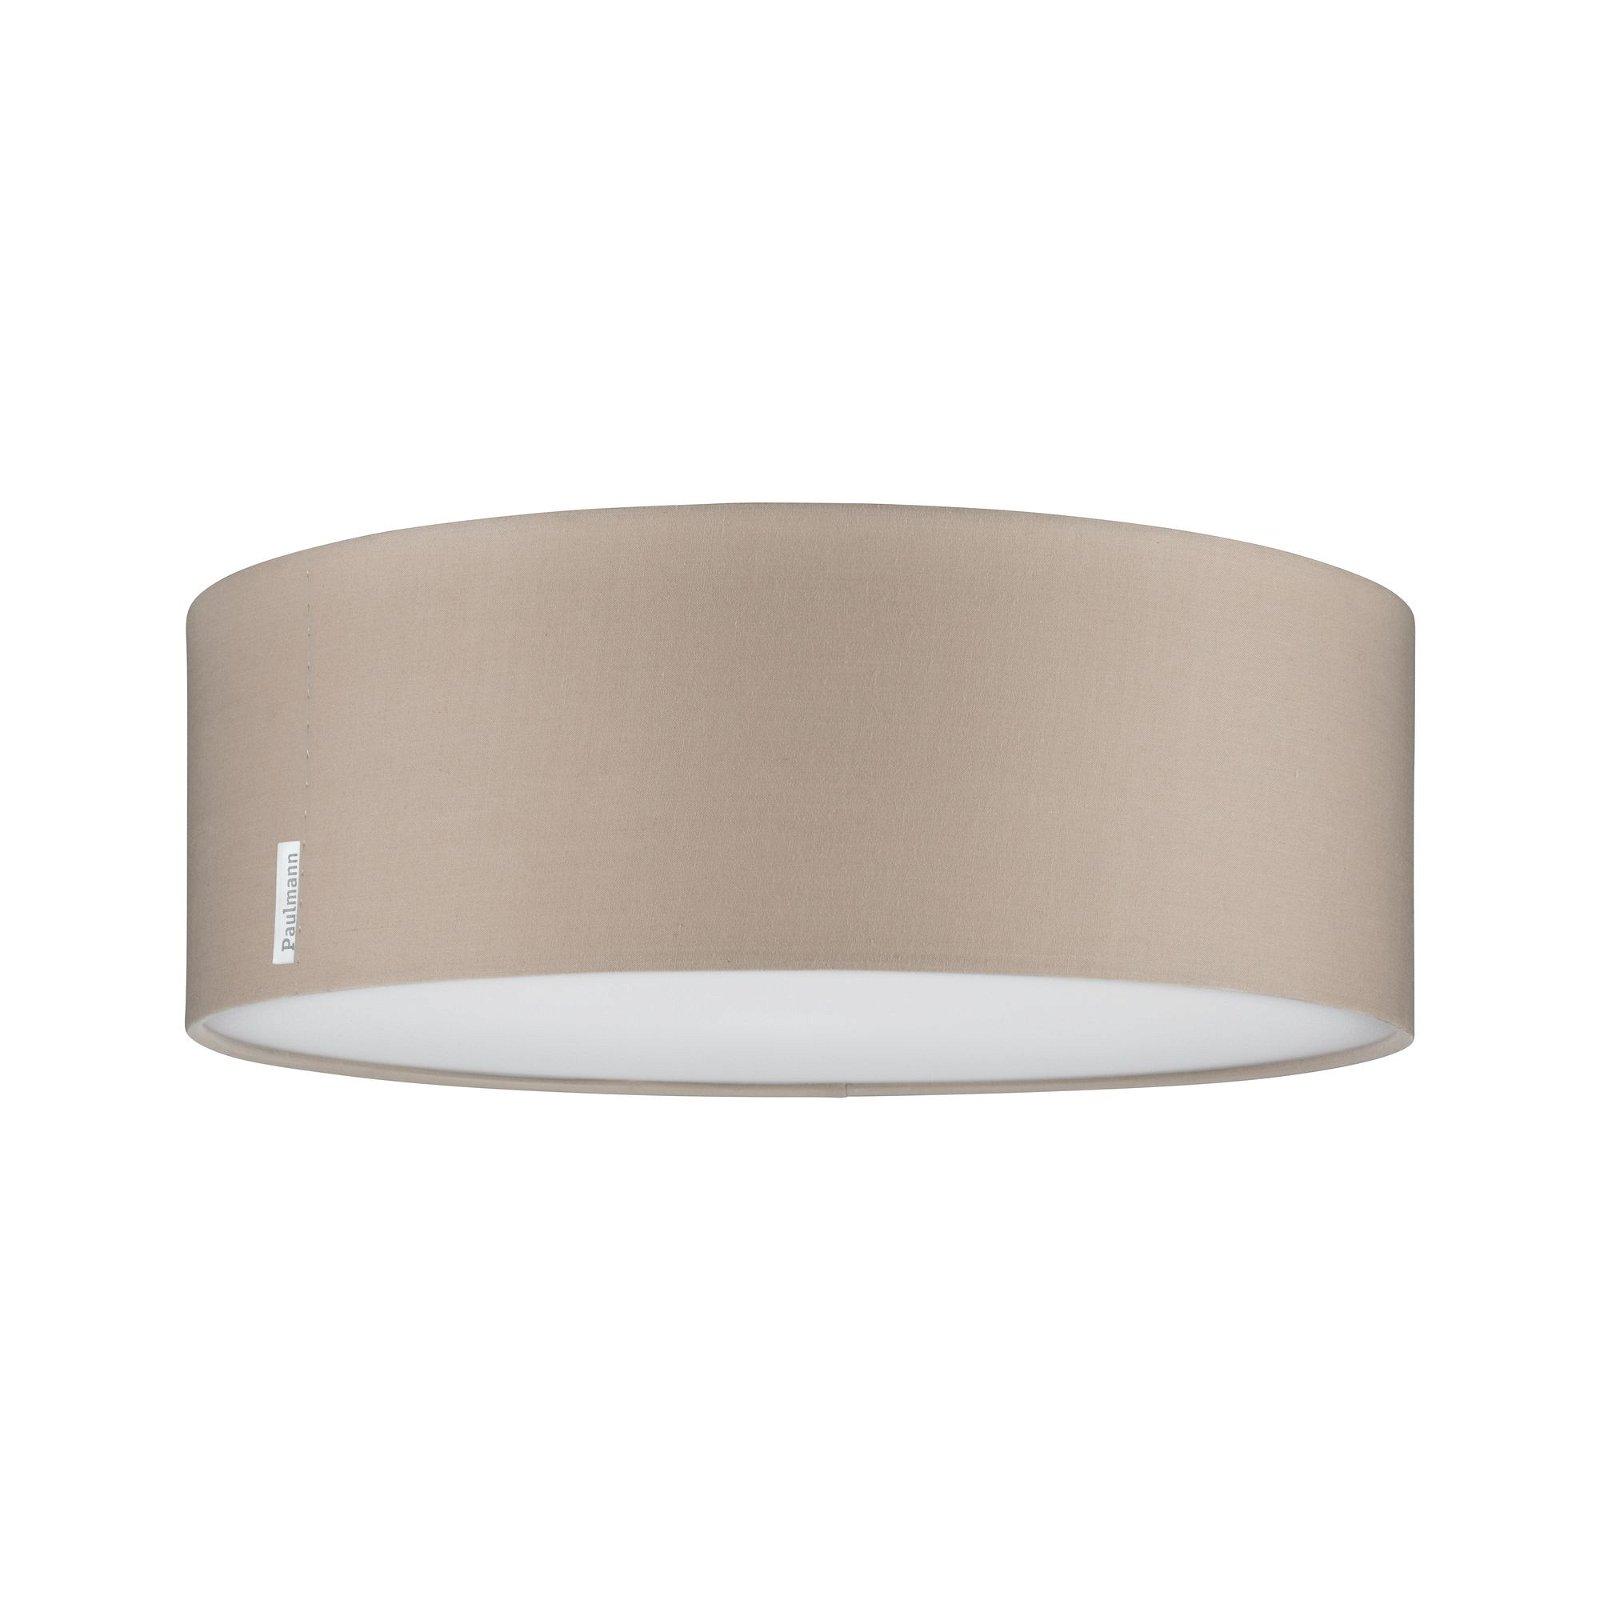 Ceiling luminaire Mari E27 230V max. 2x20W Beige